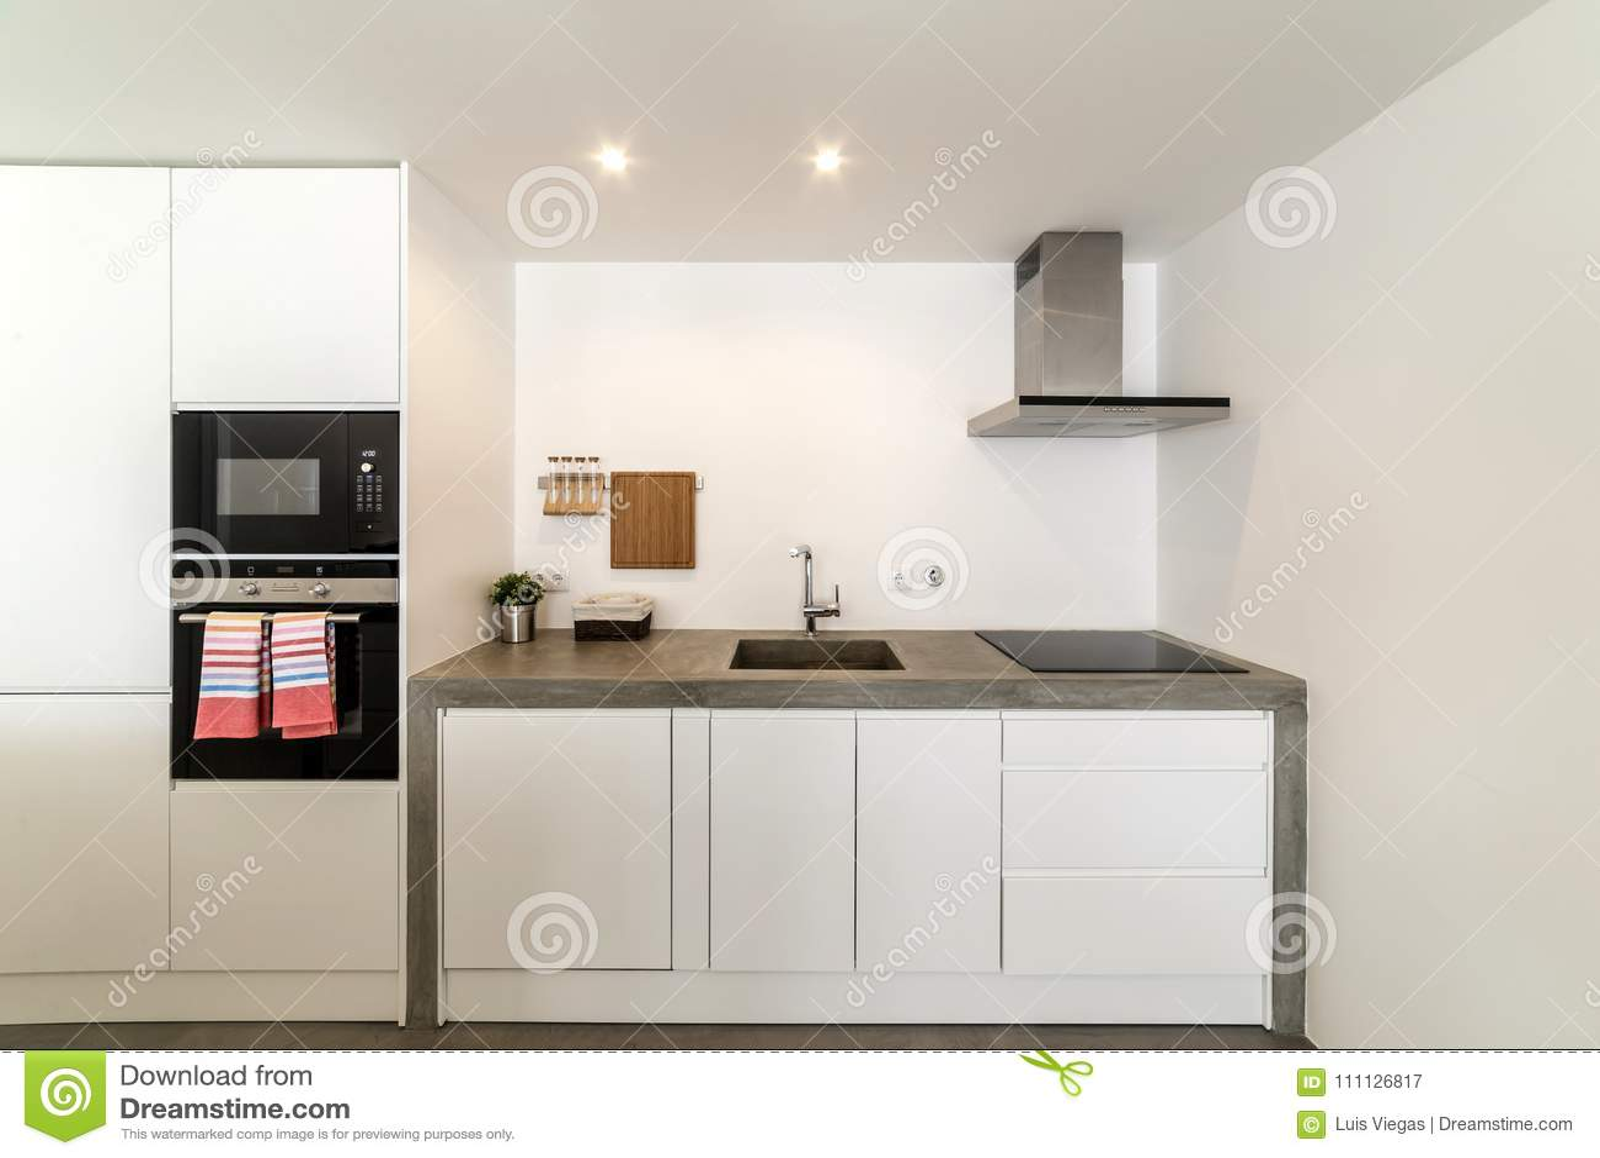 Moderne Keuken Grijs : Moderne keuken met grijze tegel en witte muur stock afbeelding